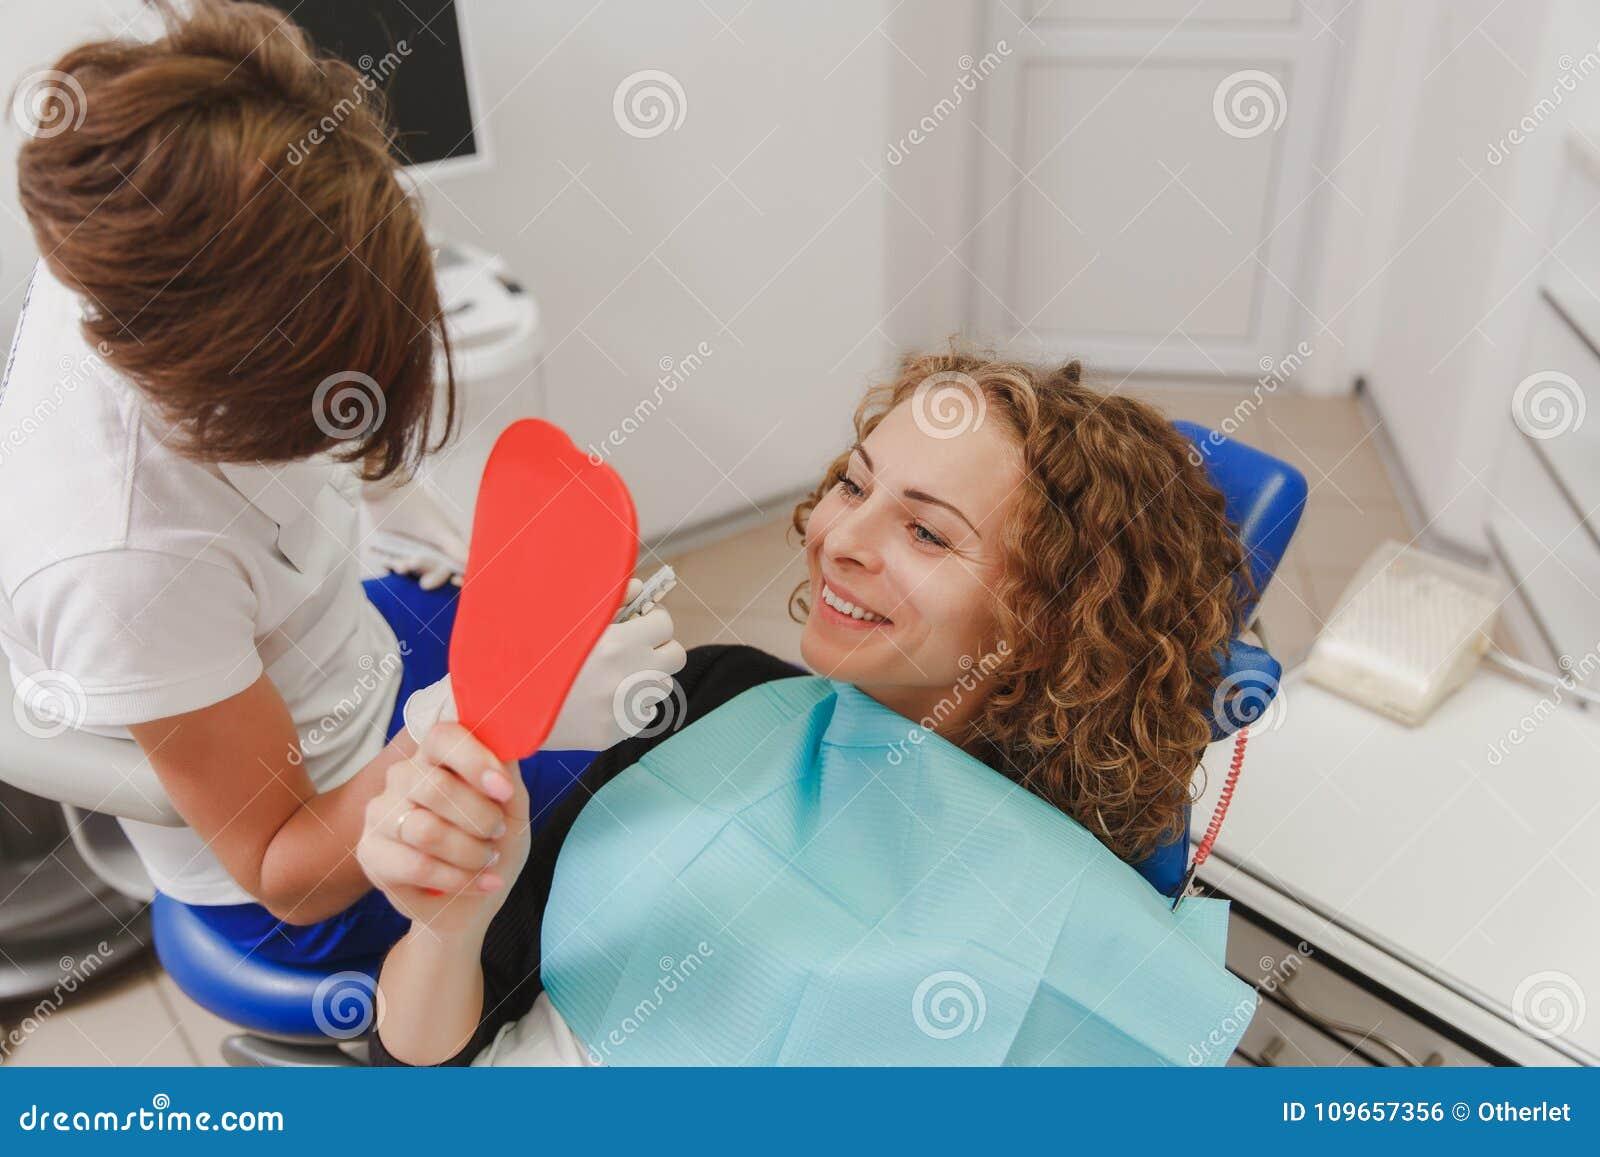 Art dentaire, clinique dentaire de traitement